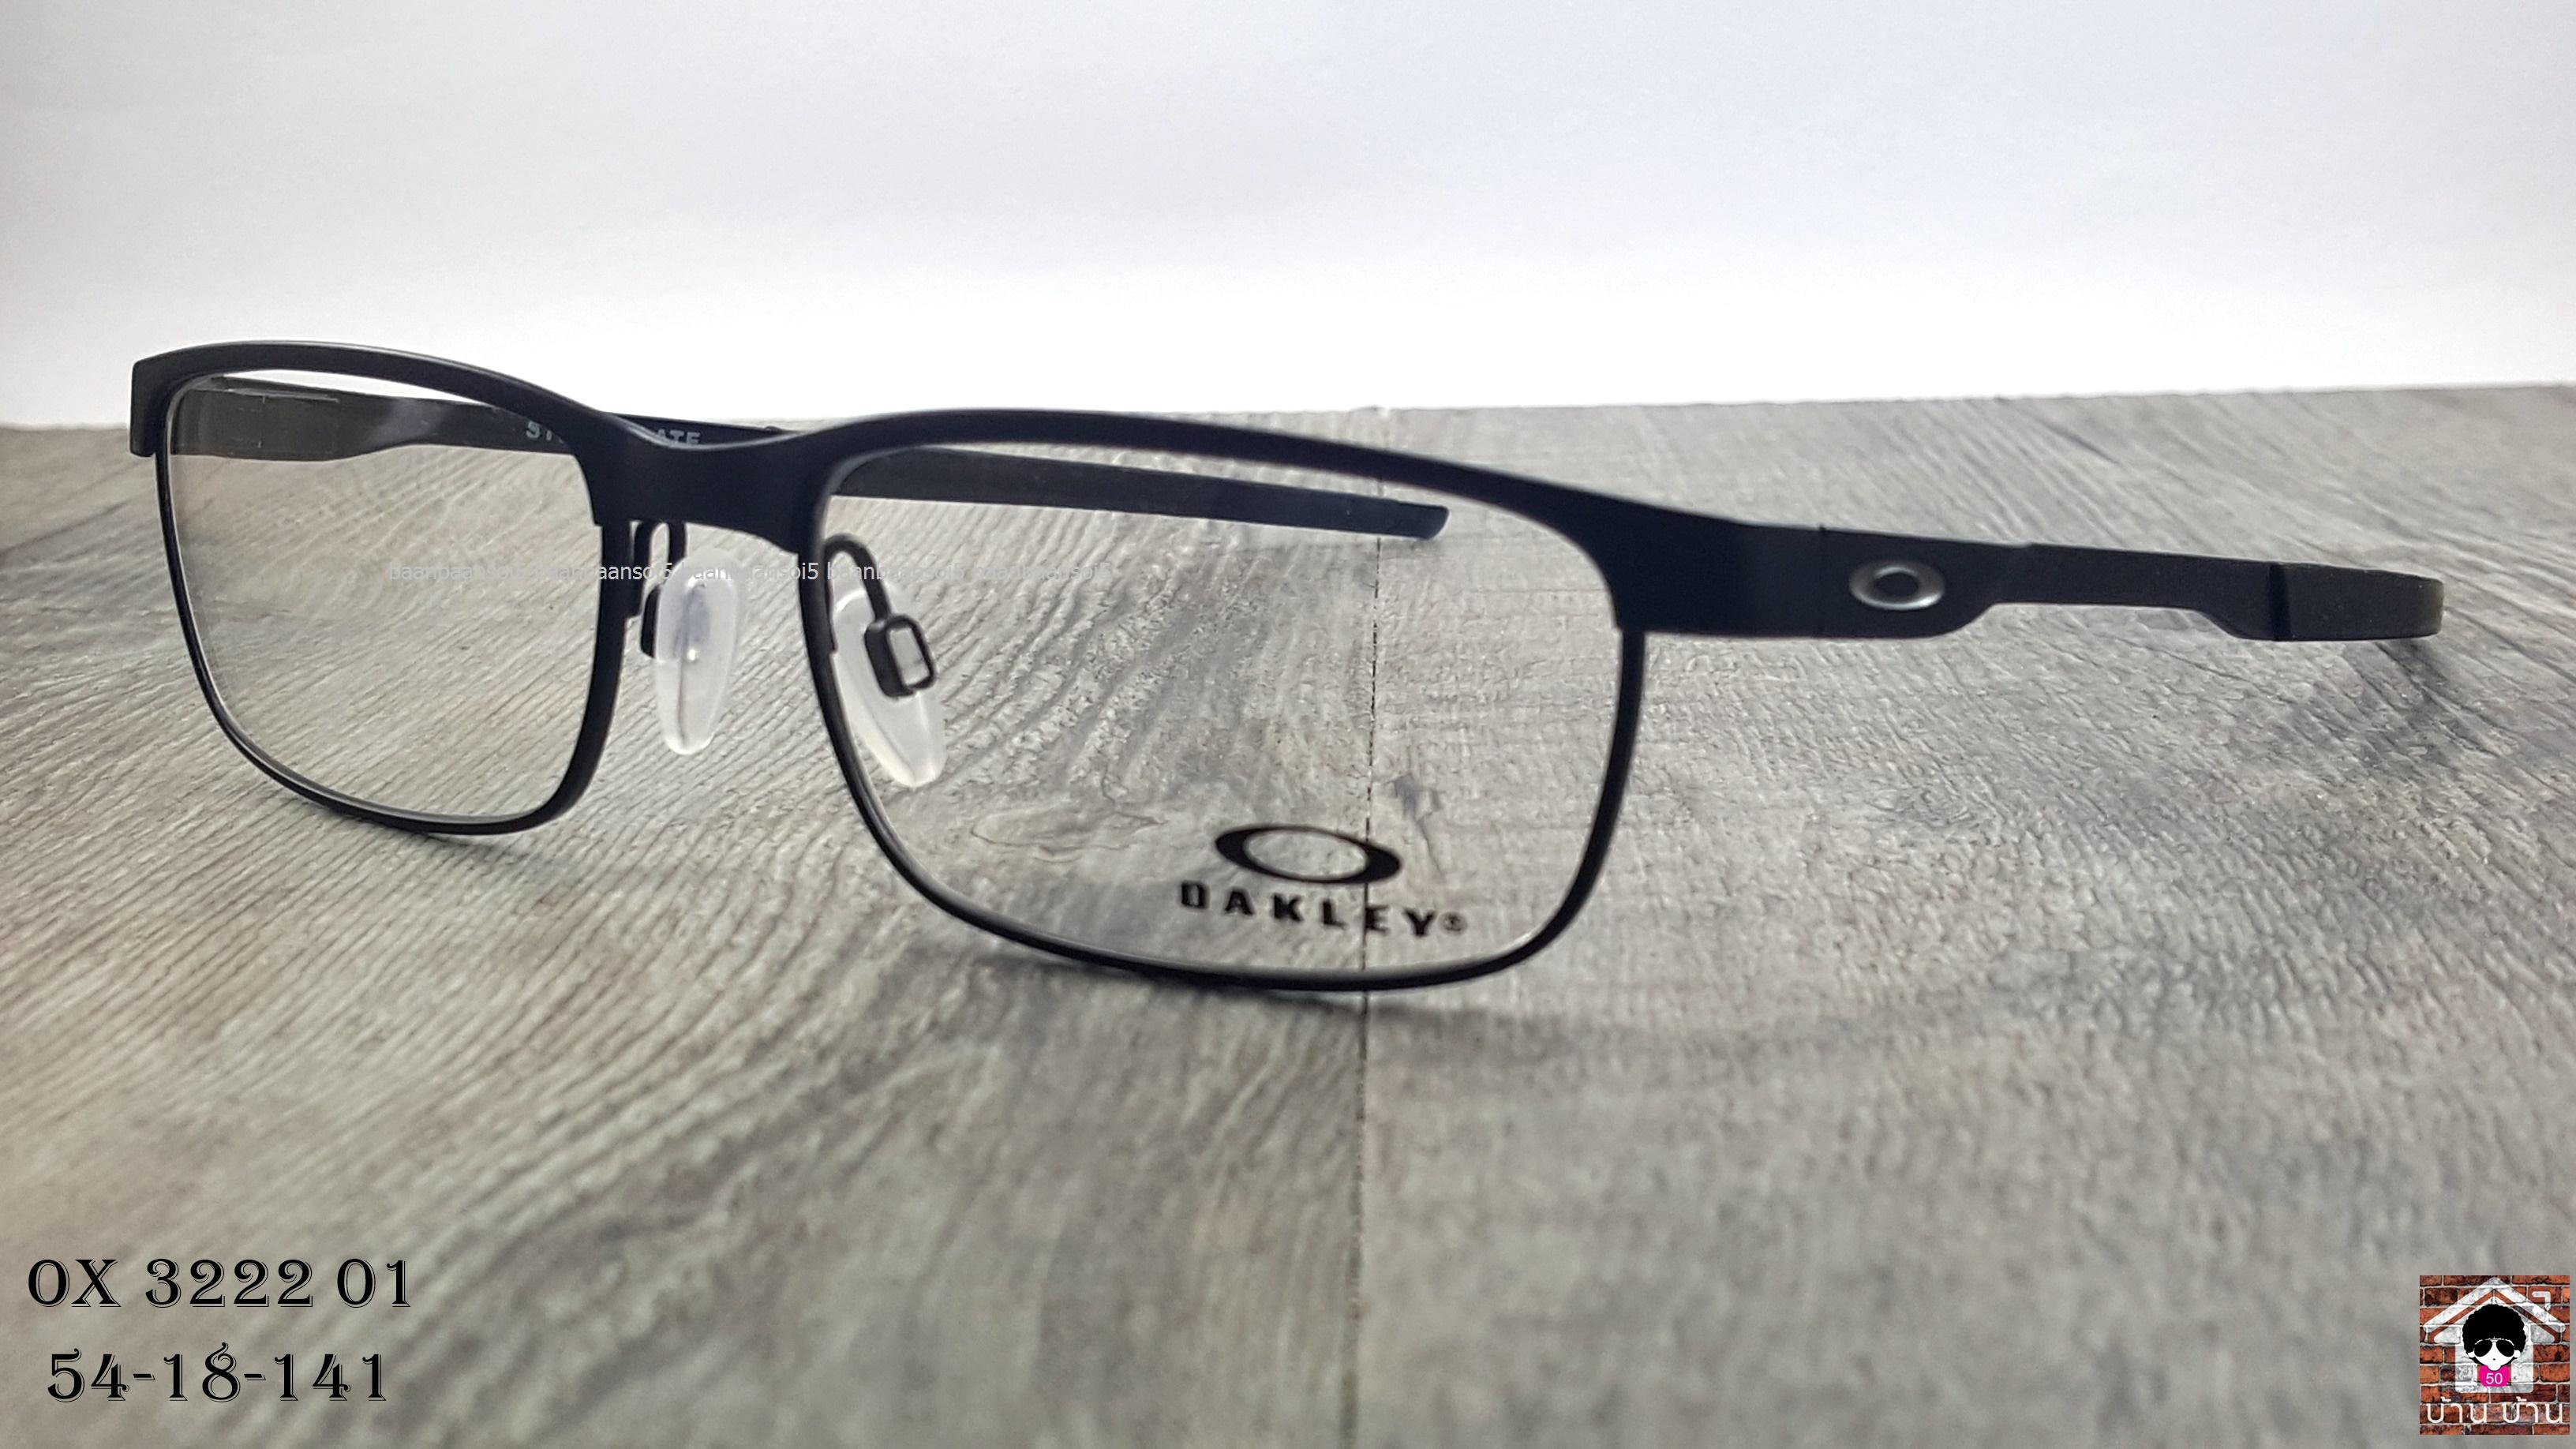 68888c571 Oakley OX3222-01 Steel Plate Powder Coal โปรโมชั่น กรอบแว่นตาพร้อมเลนส์